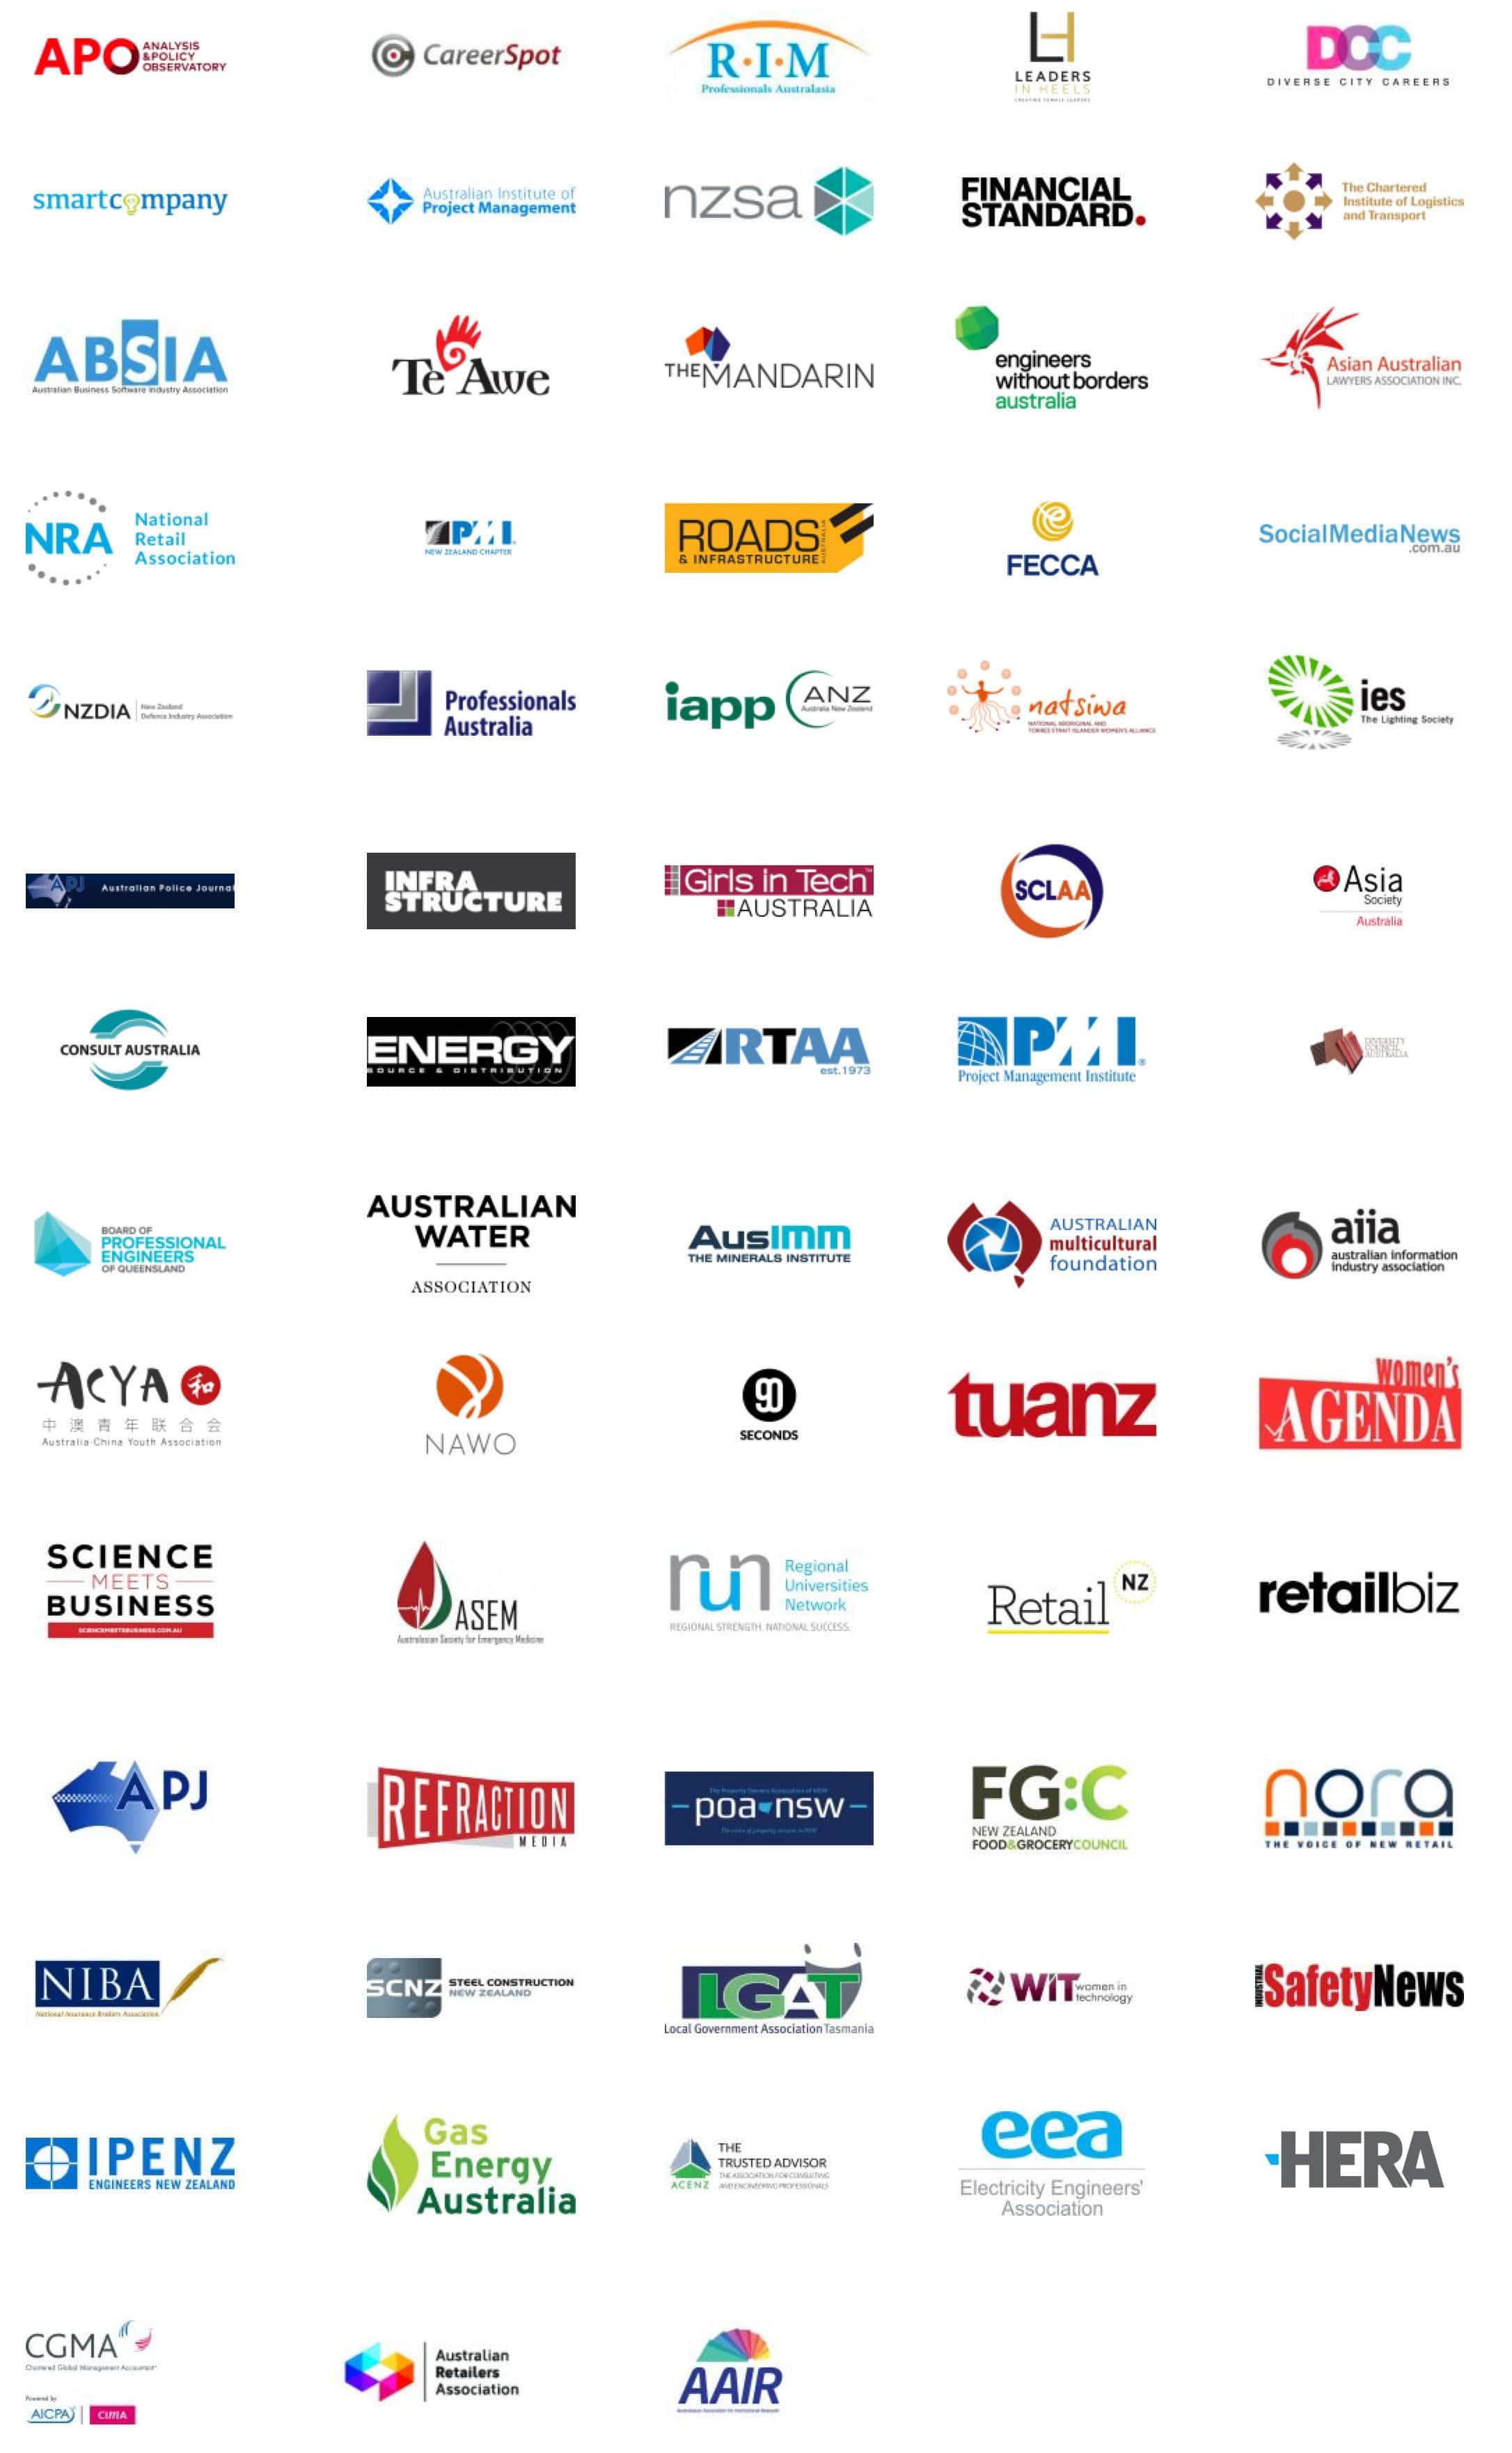 Many partner logos